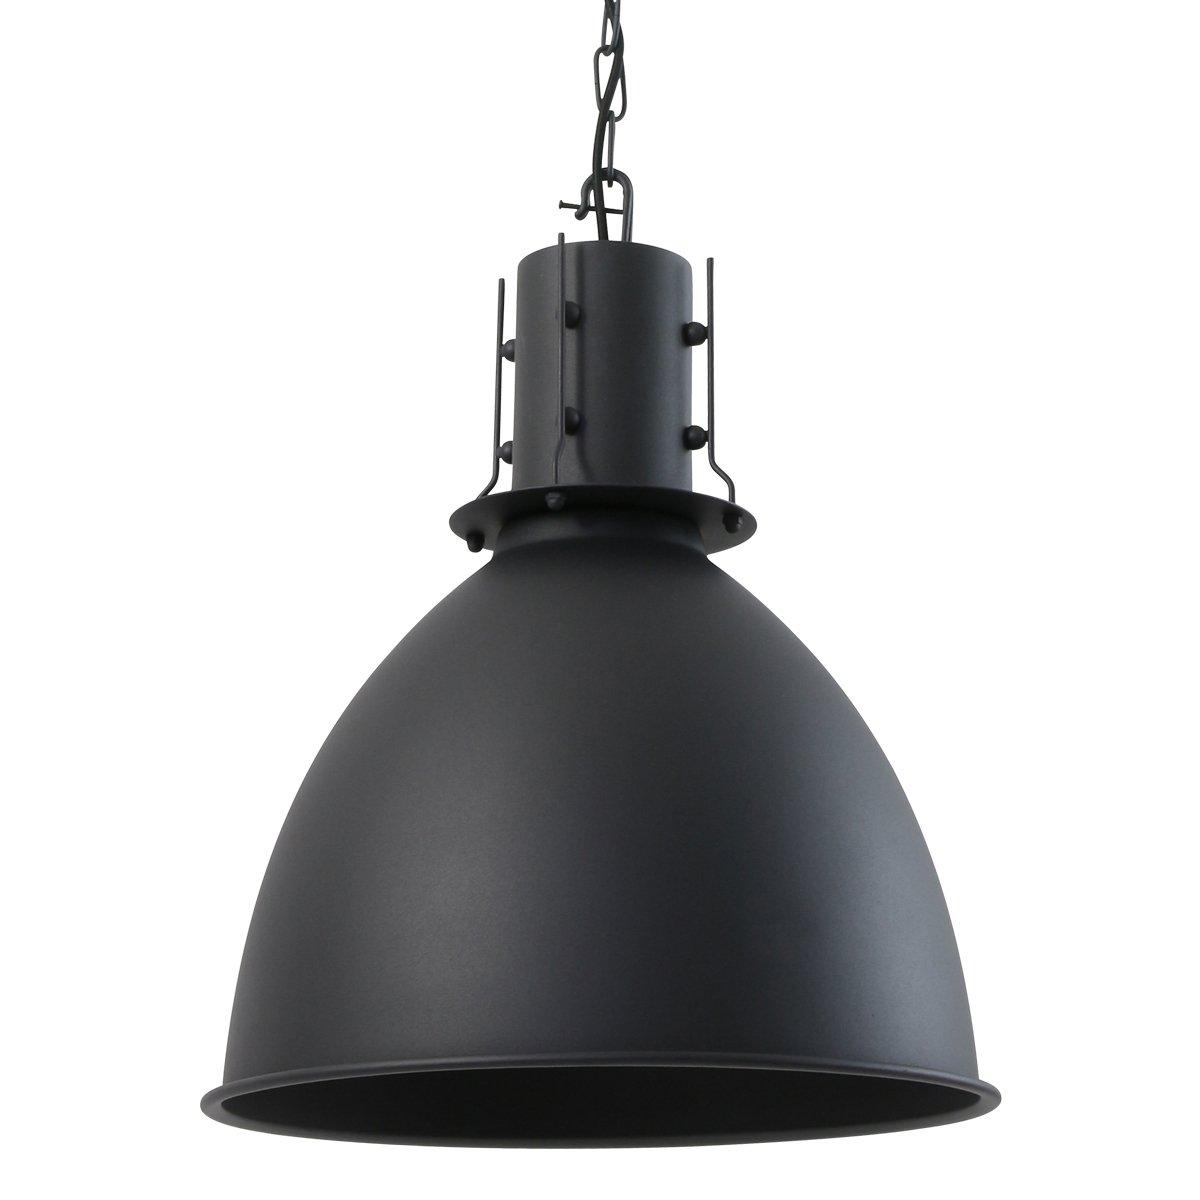 Steinhauer Landelijke hanglamp Lenvik 42 Steinhauer 7780ZW